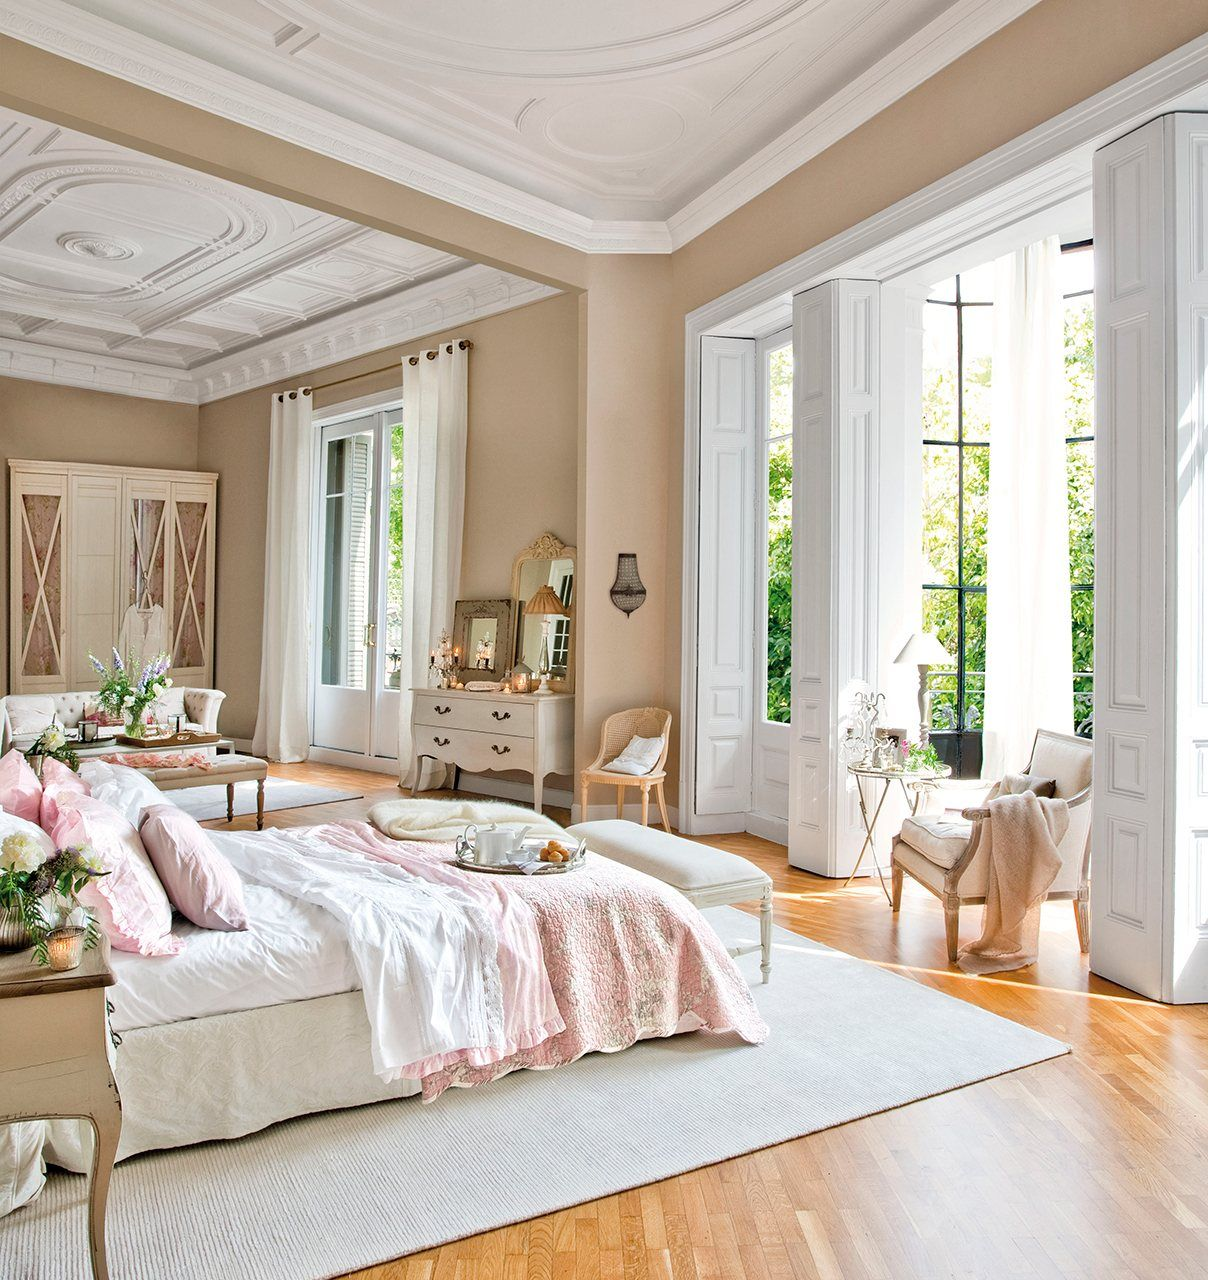 El Color Blanco En Decoracion Un Clasico Siempre En Tendencia Dormitorio De Ensueno Dormitorios Habitacion Romantica